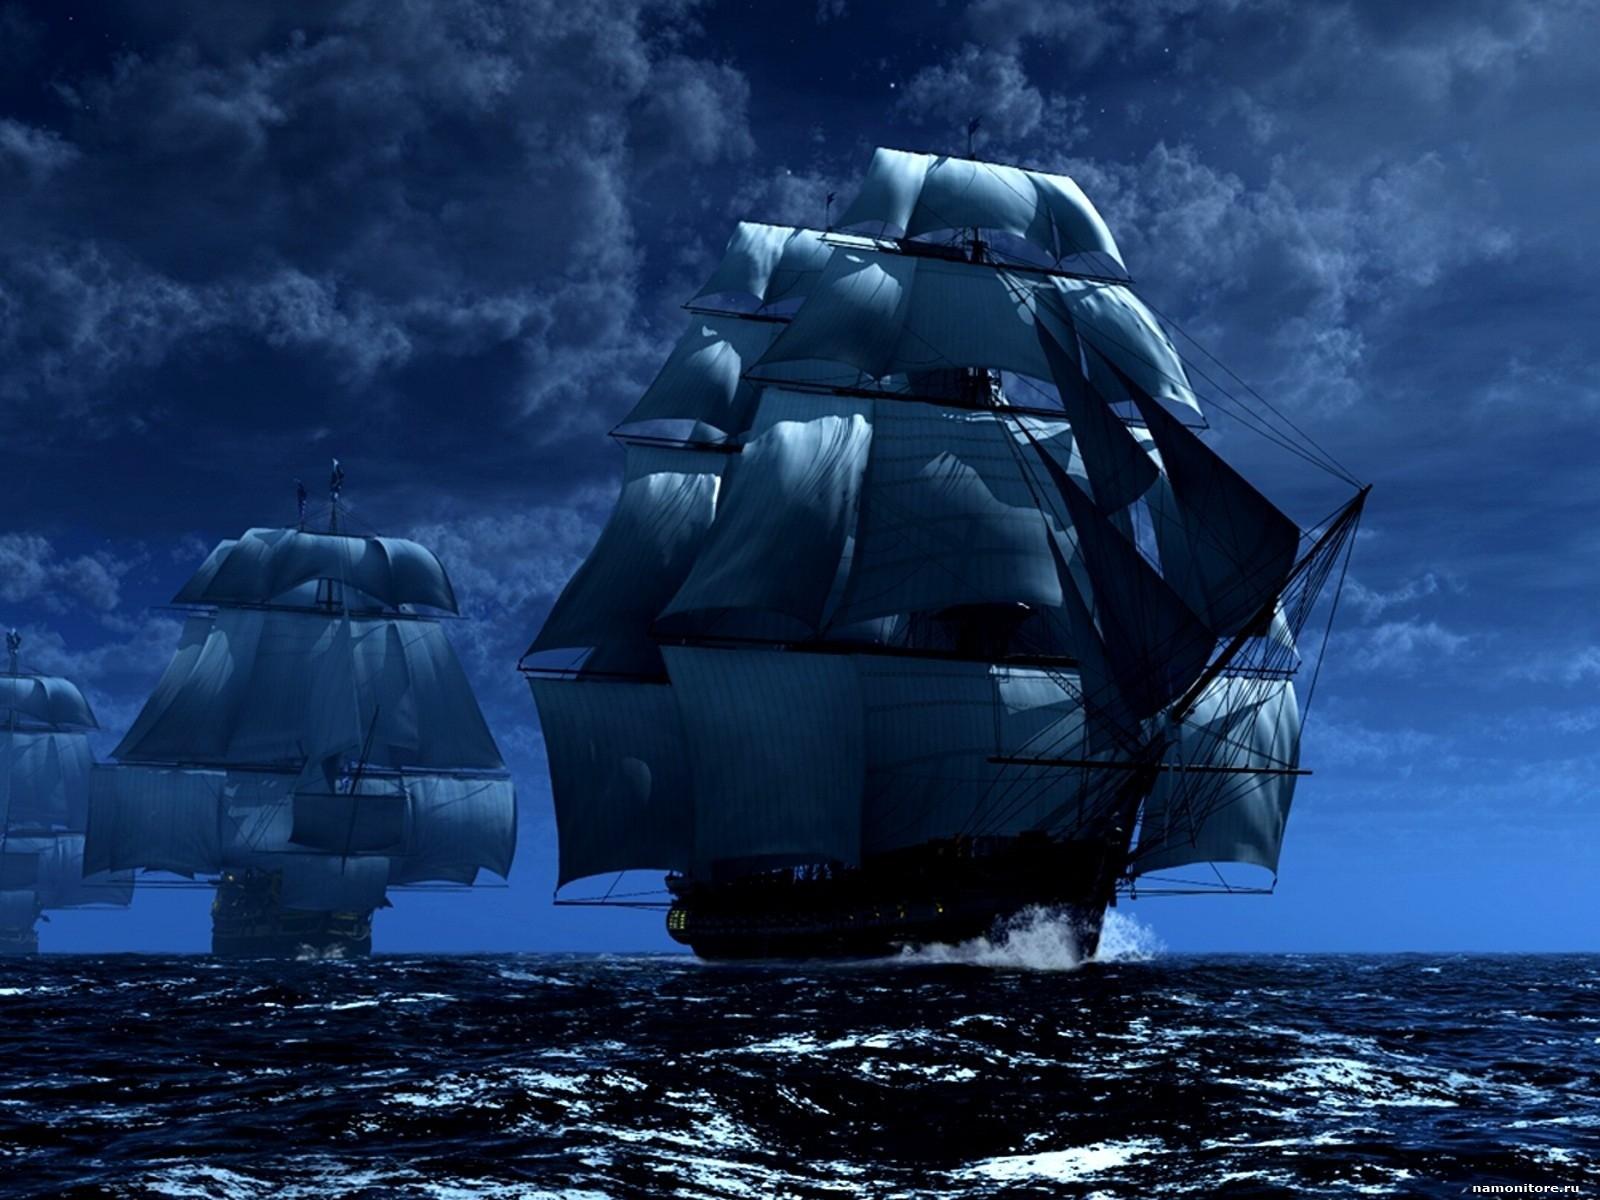 Ночь, парусные корабли, фото, обои для рабочего стола, скачать